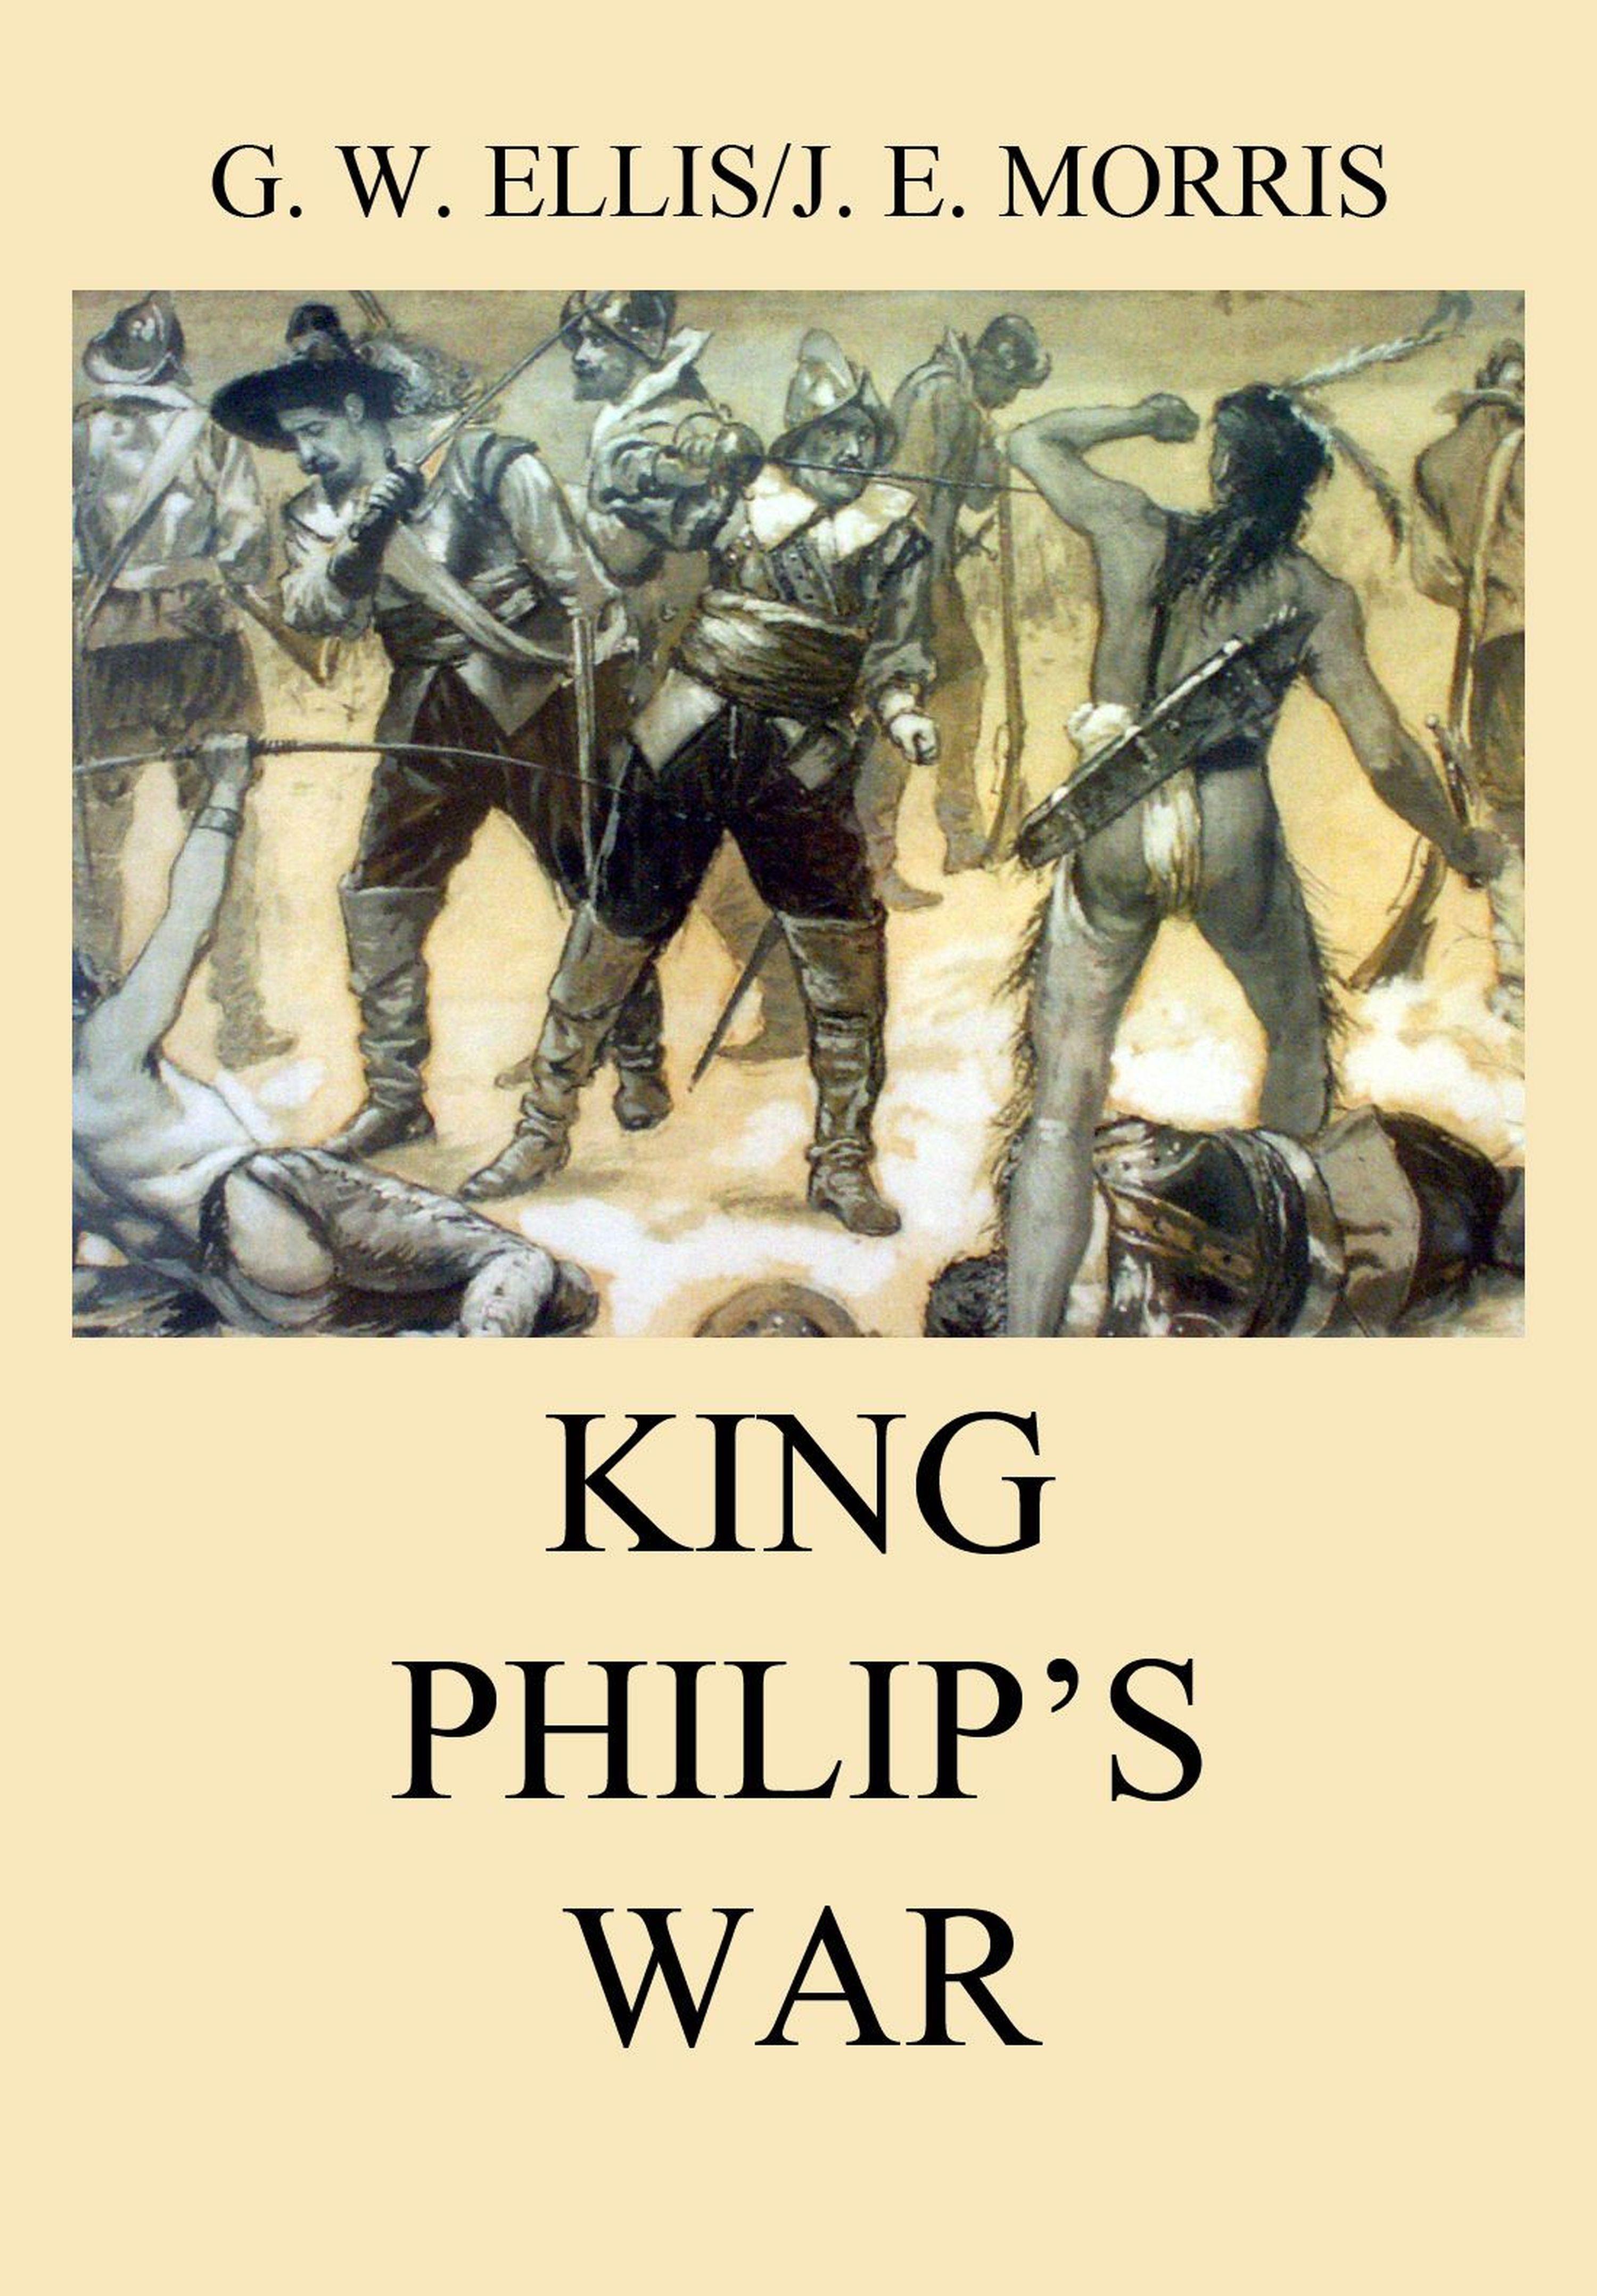 George William Ellis King Philip's War st george william joseph stock stoicism